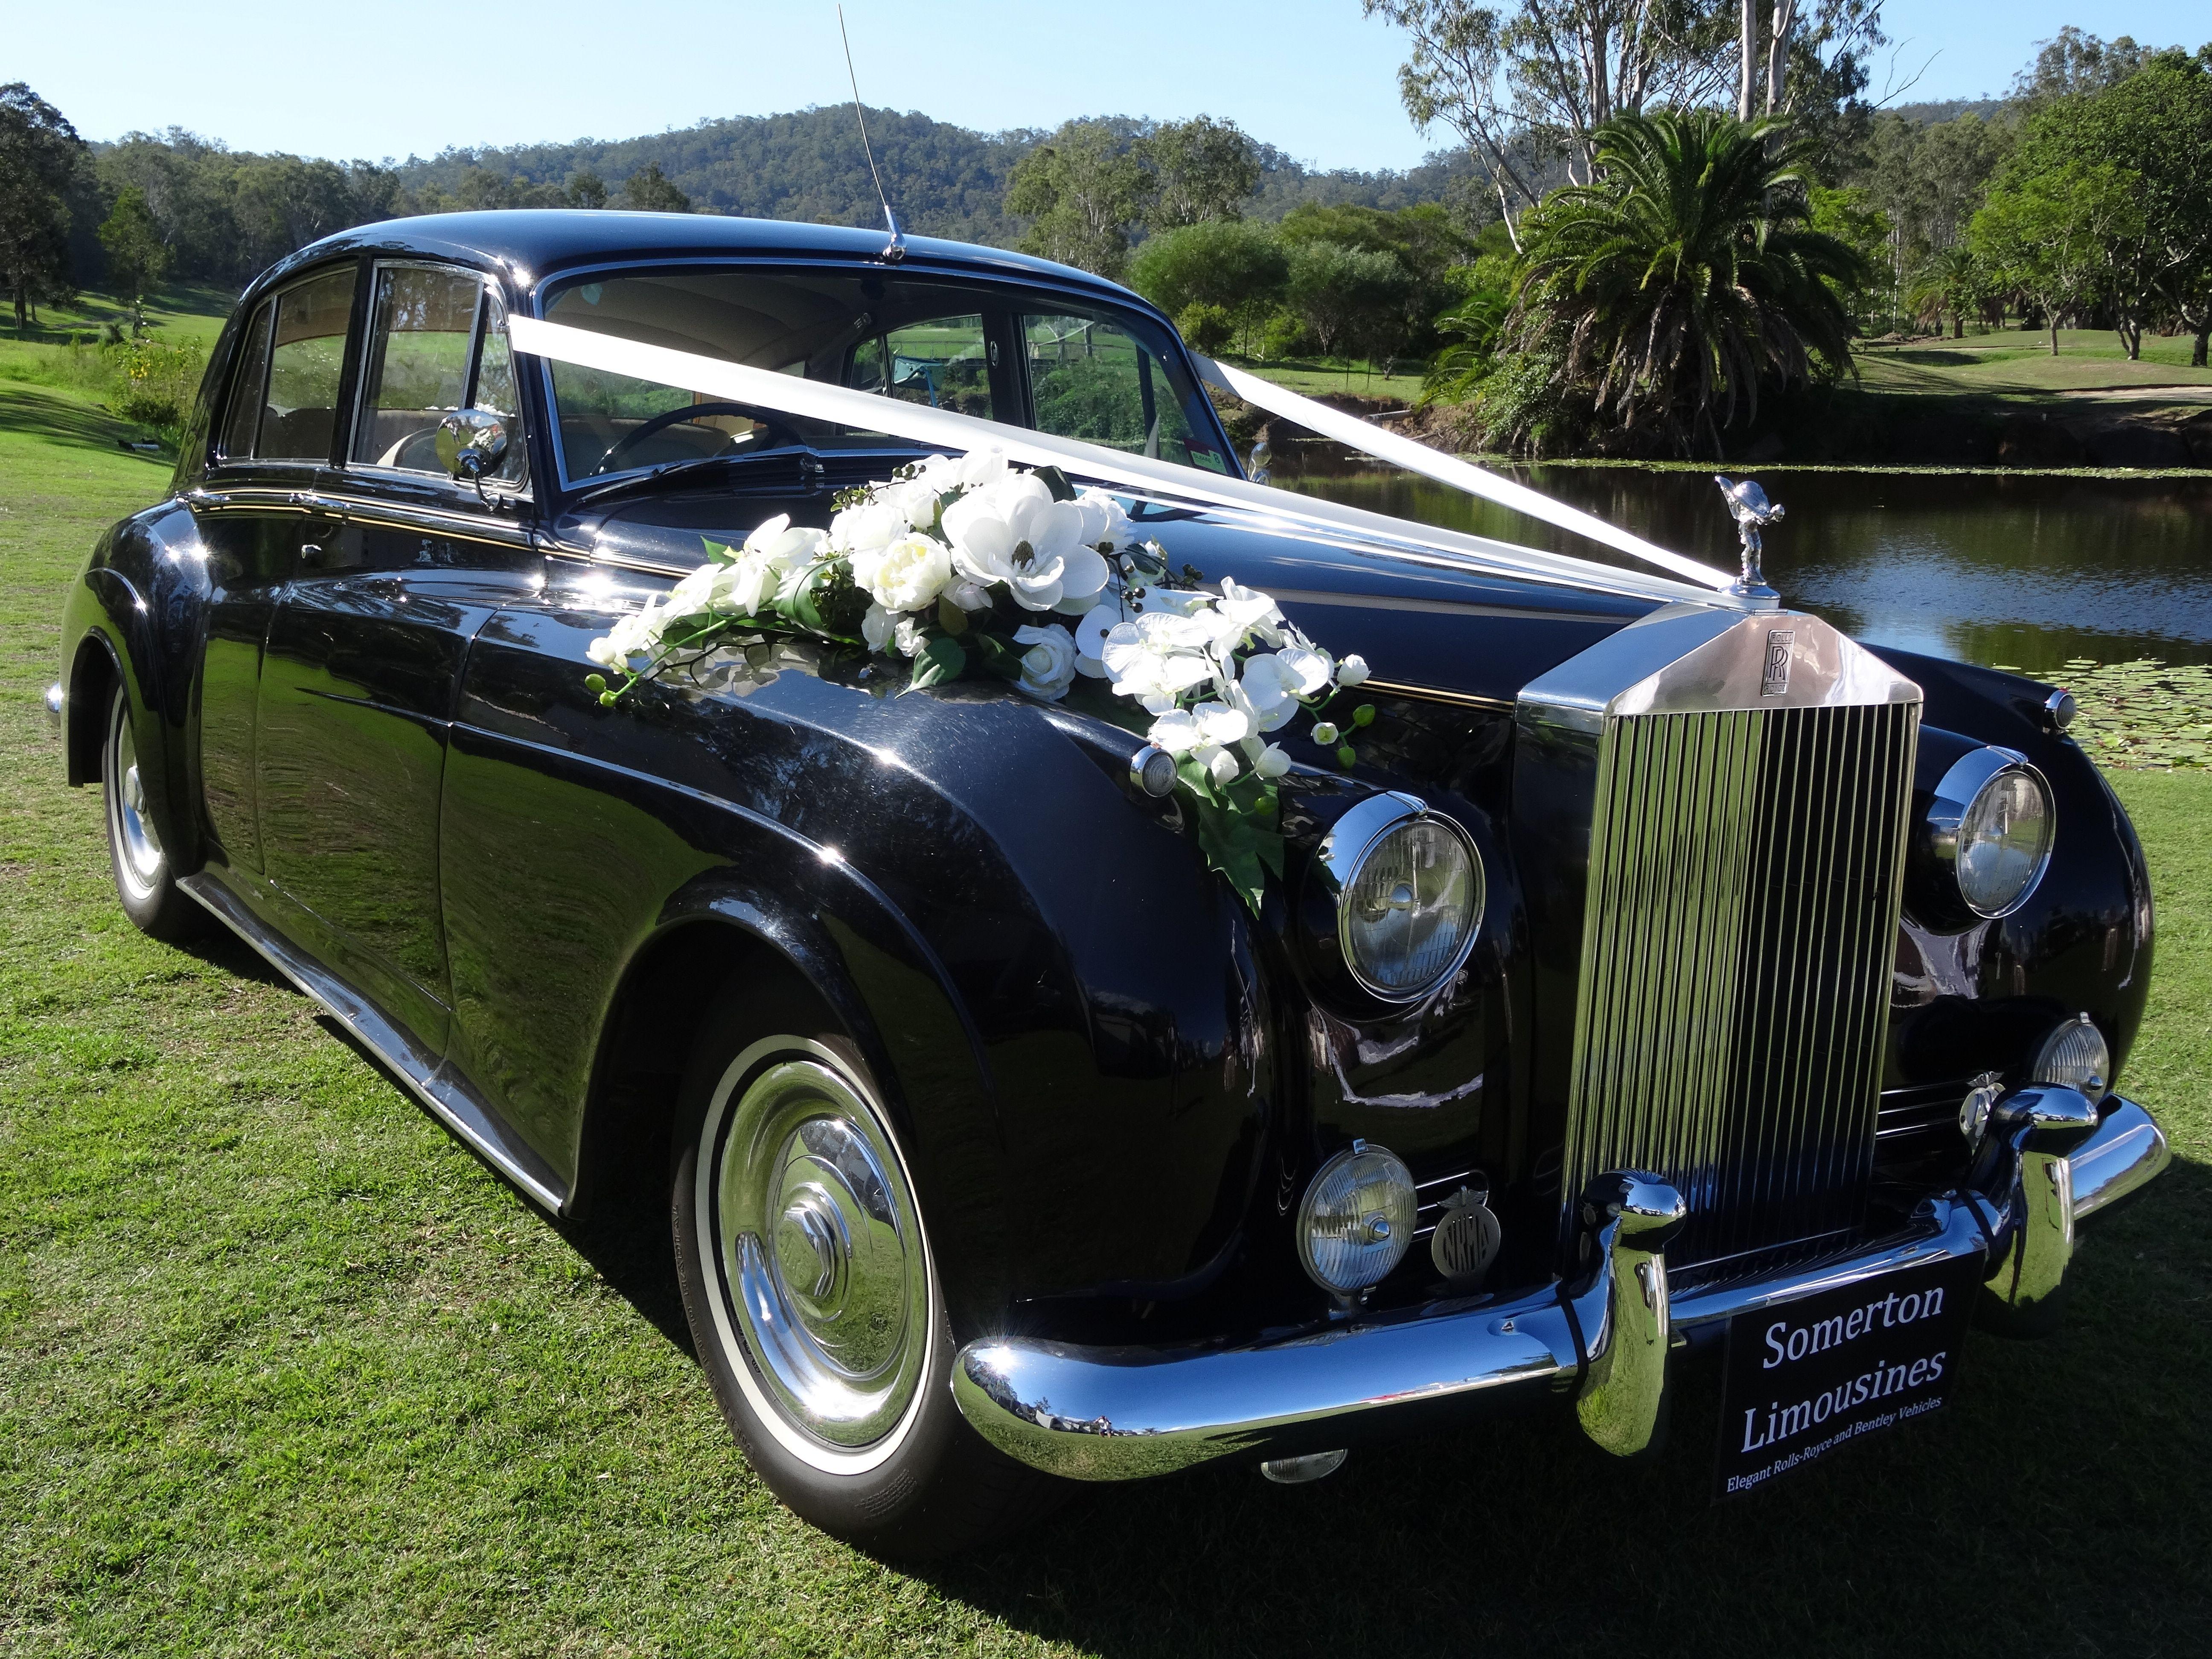 Somerton Limousines Rolls Royce Silver Cloud Hochzeit Auto Hochzeitsauto Autos